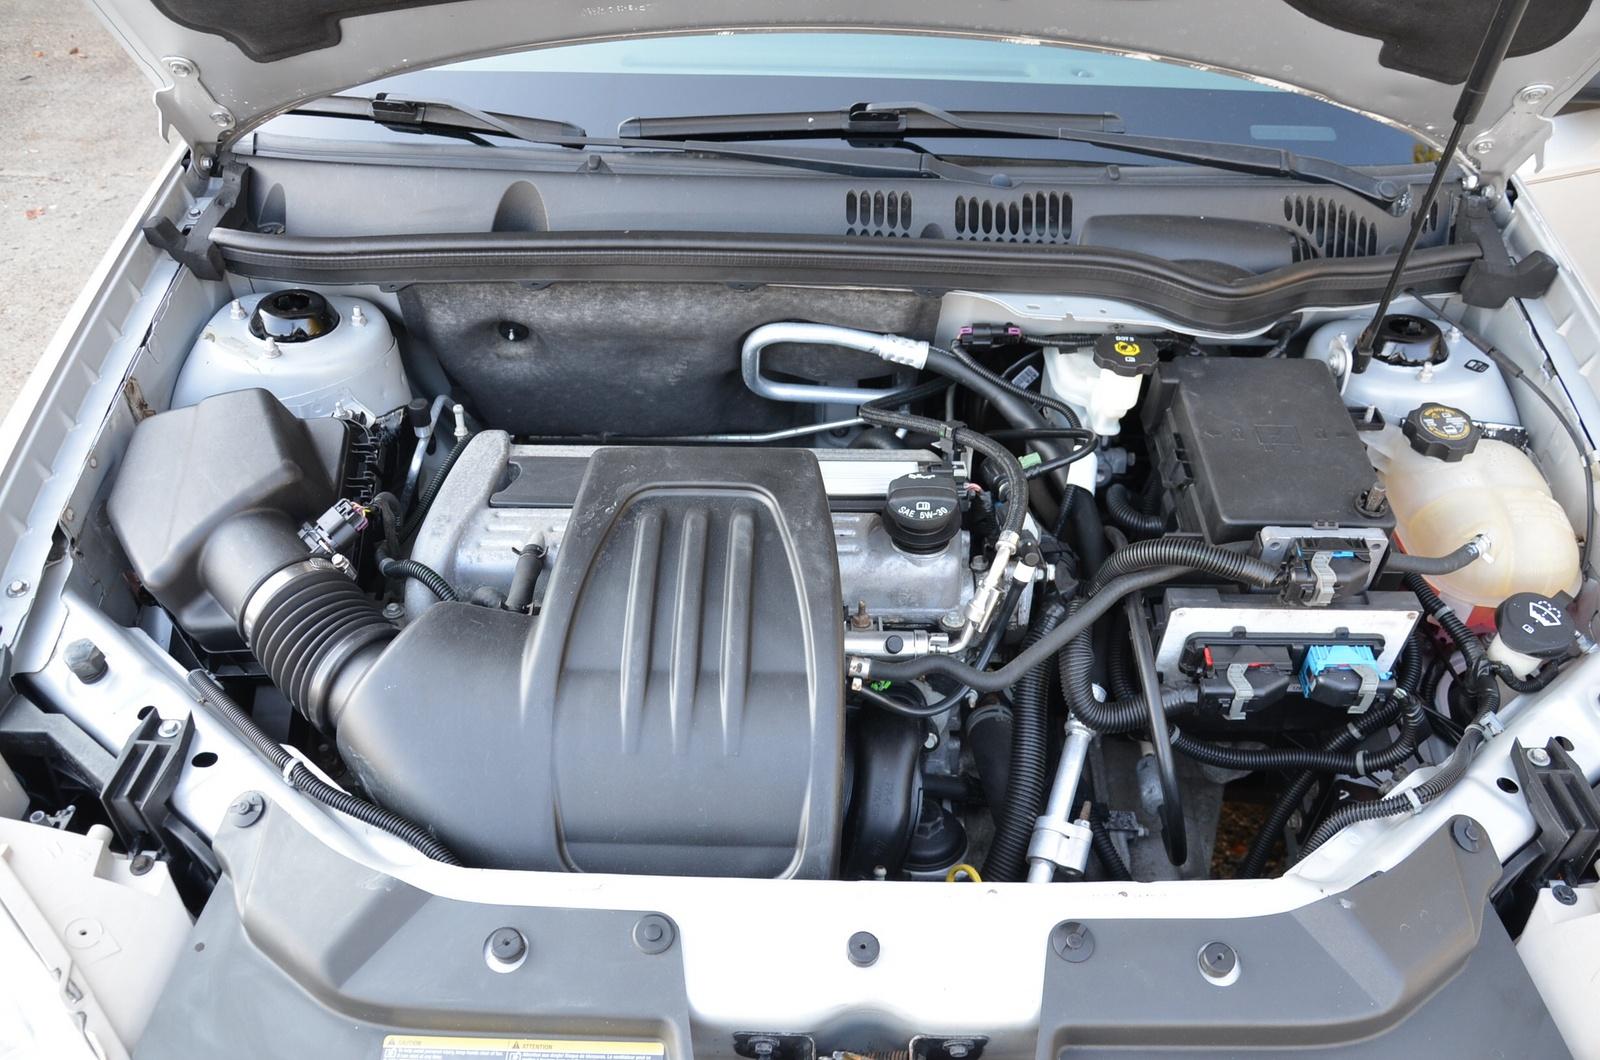 picture of 2005 chevrolet cobalt base engine. Black Bedroom Furniture Sets. Home Design Ideas